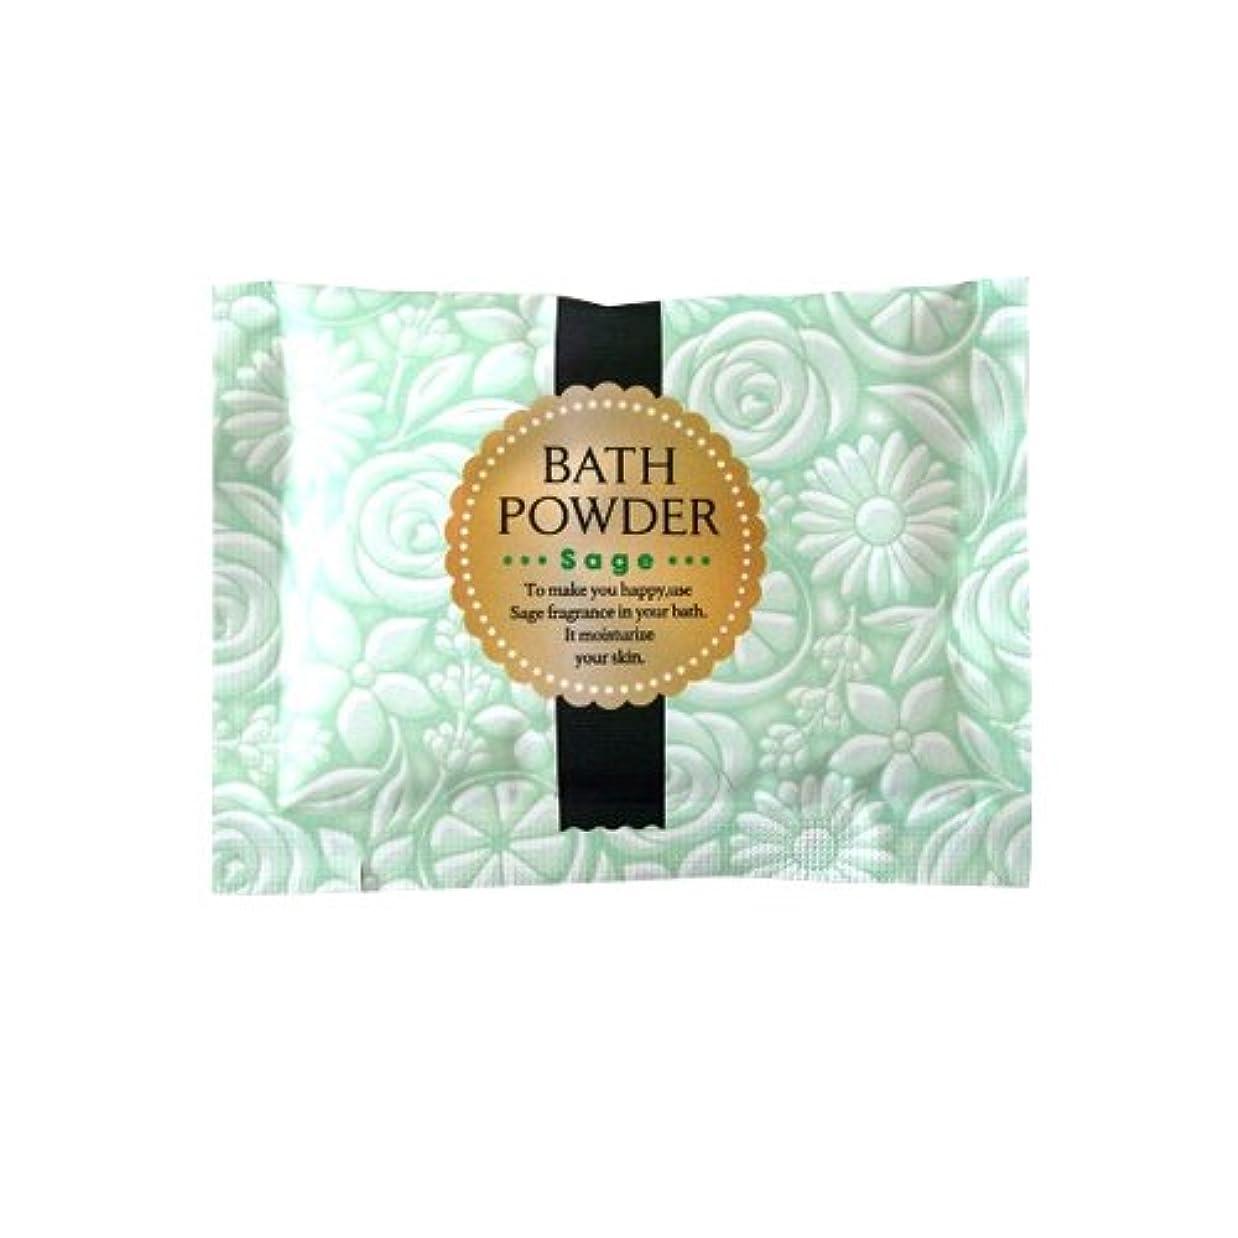 場所ねばねば解き明かす入浴剤 LUCKY BATH (ラッキーバス) 25g セージの香り